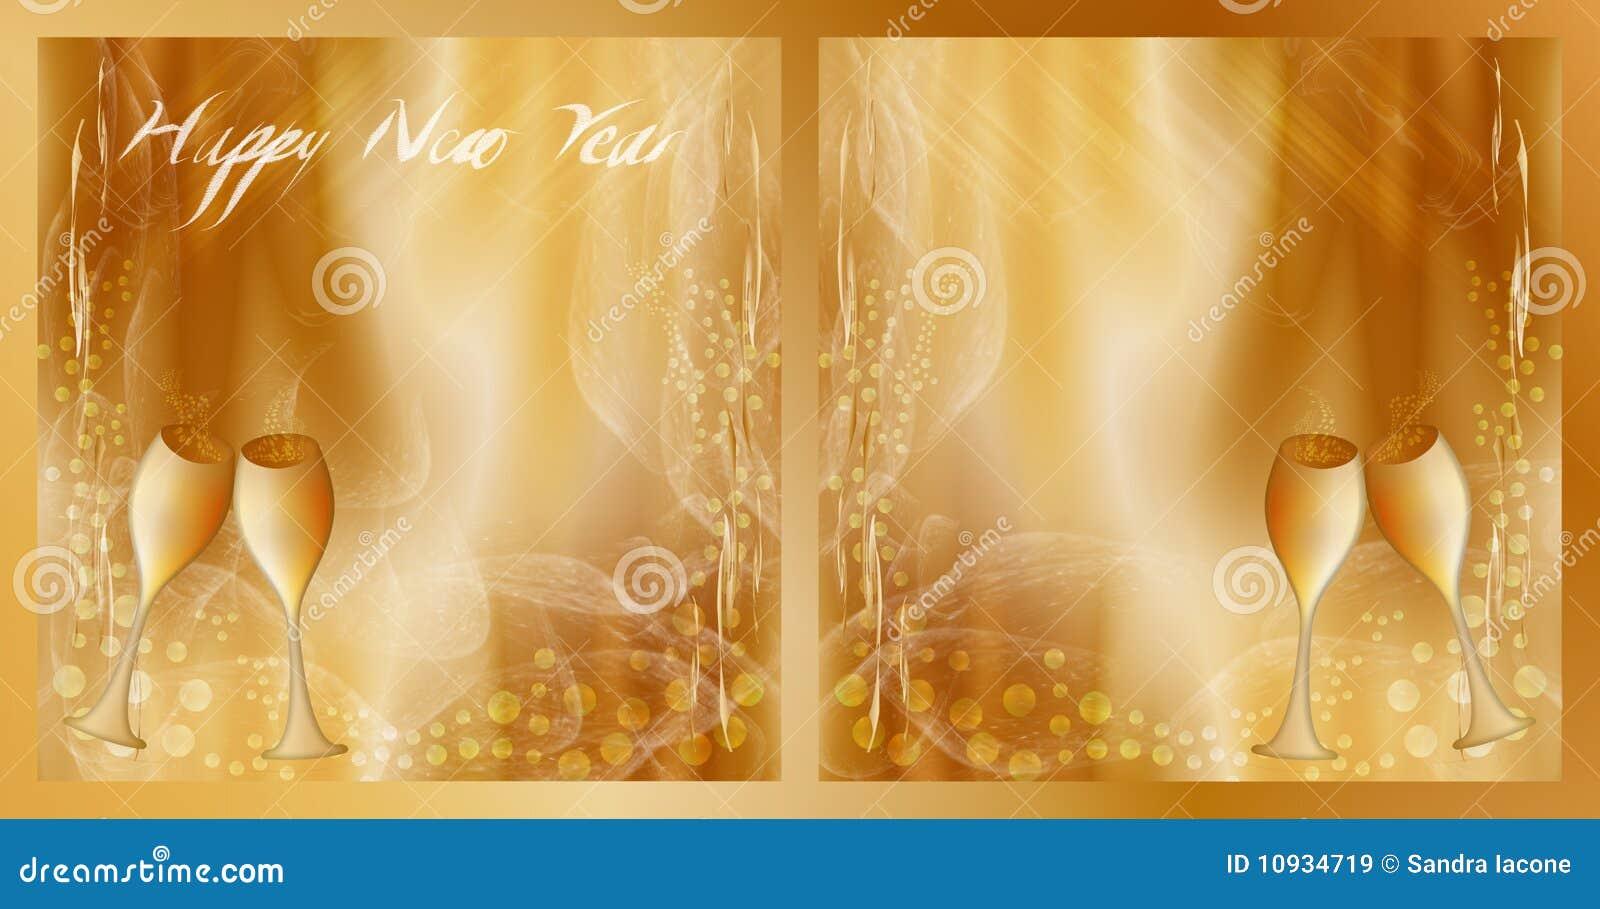 чешет Новый Год